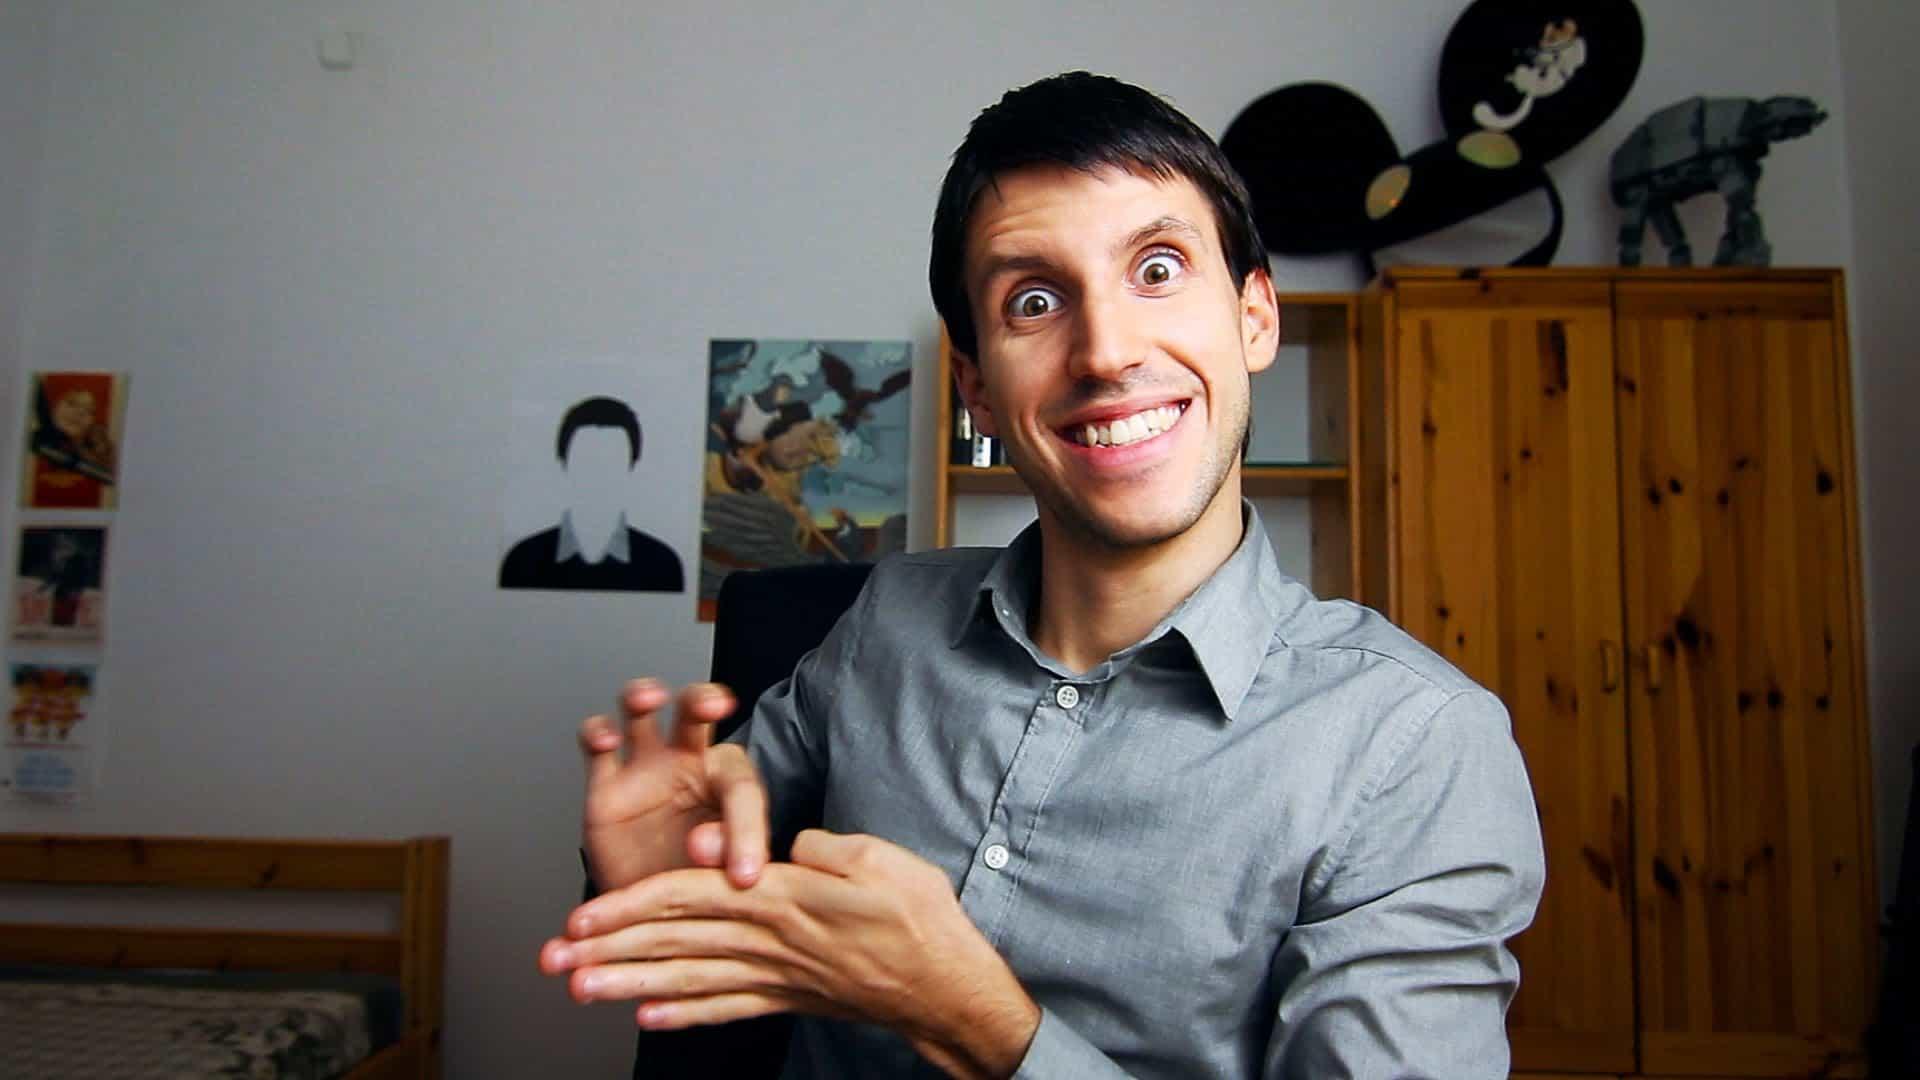 Pénzt keresni vloggerkedéssel itthon? Igen, lehet! Dancsó Péter már a TV-ben is!